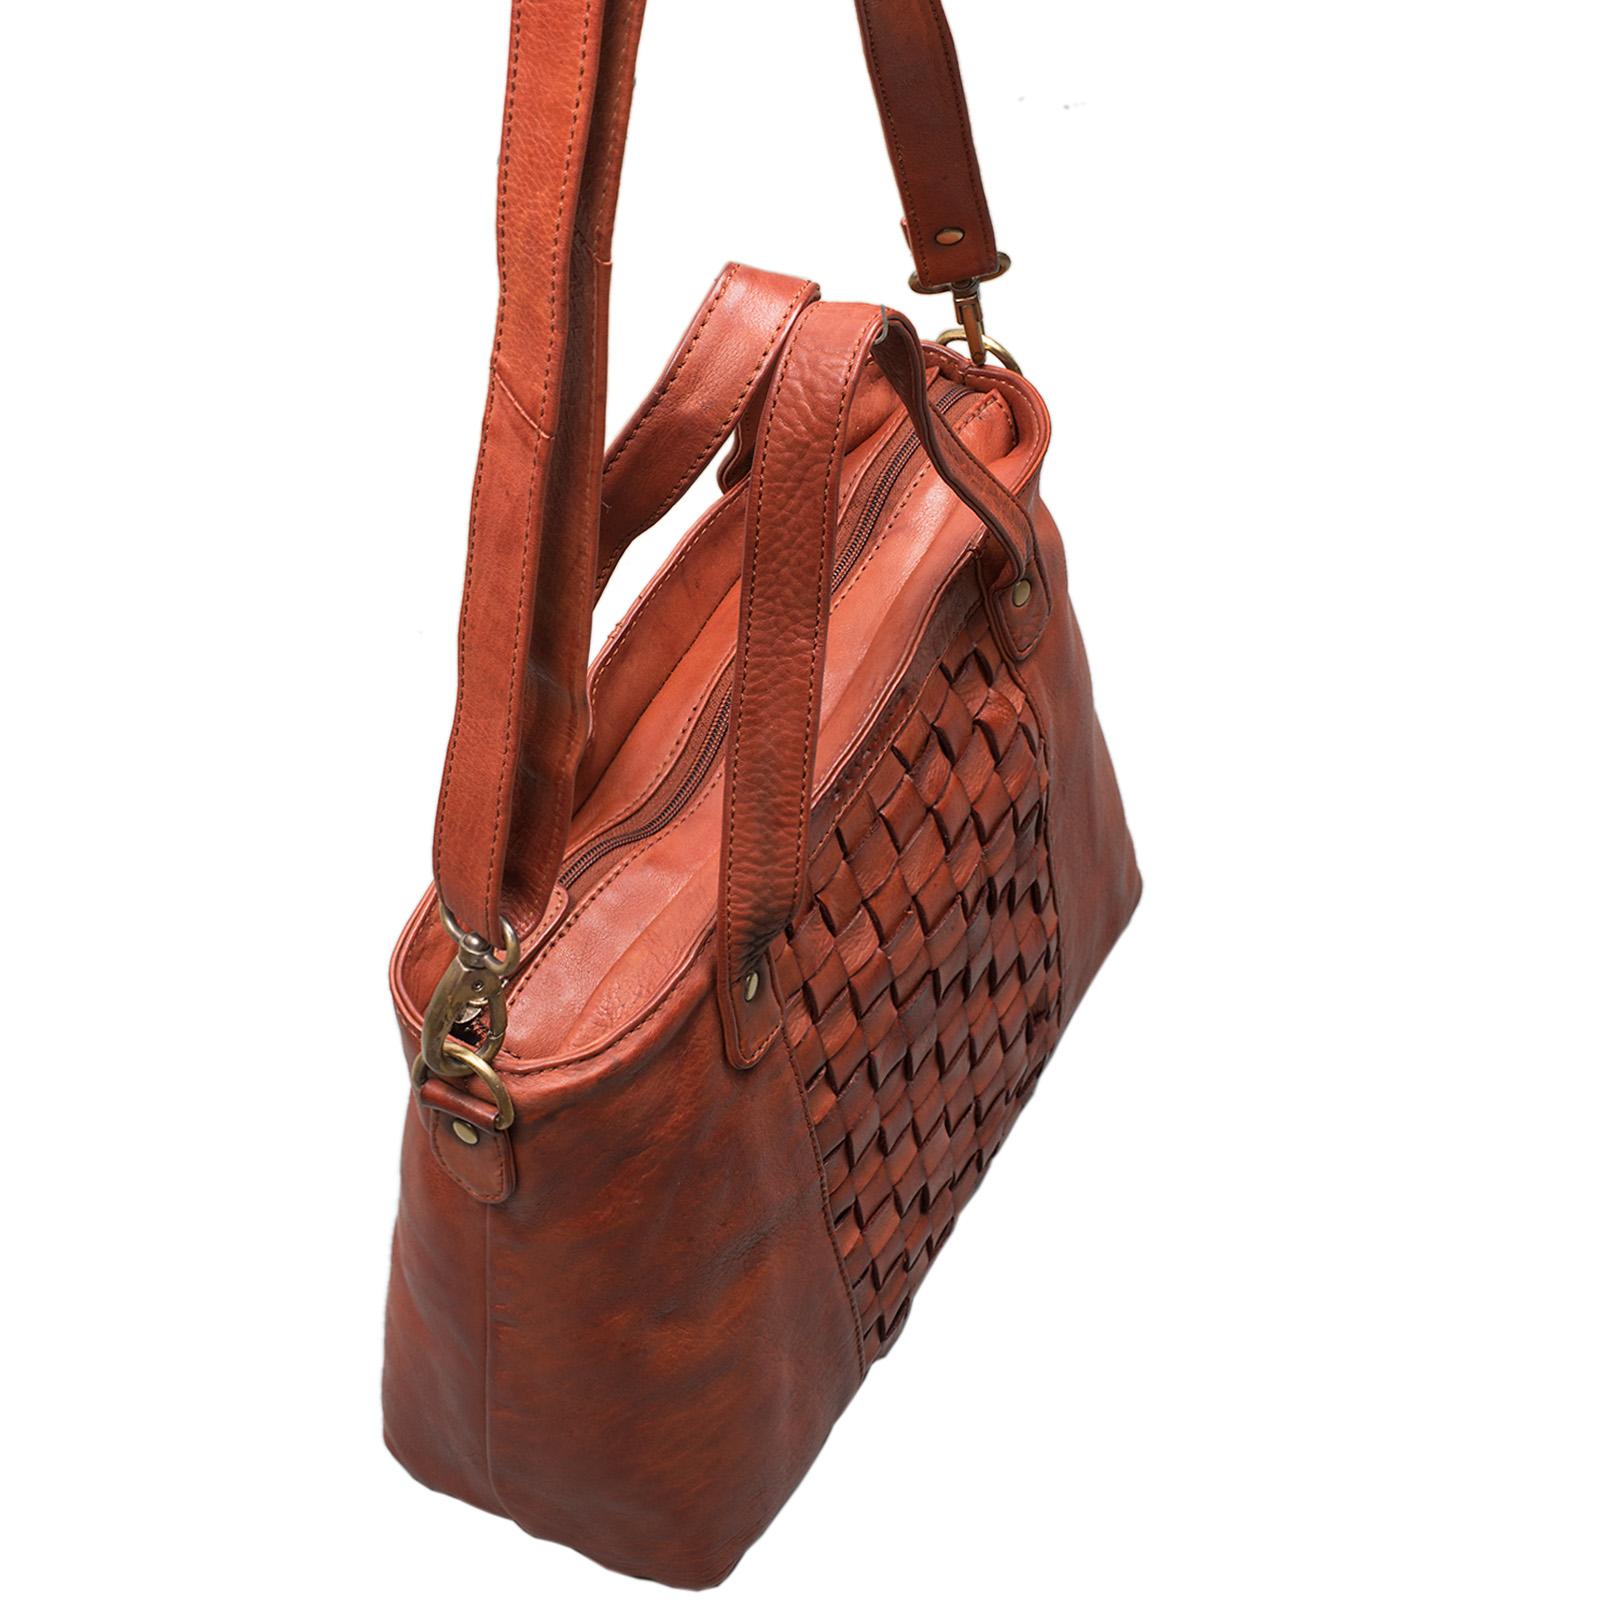 """STILORD """"Mara"""" Elegante Handtasche geflochtenes Leder mit abnehmbaren Schulterriemen Abendtasche Ausgehtasche Echtleder - Bild 19"""